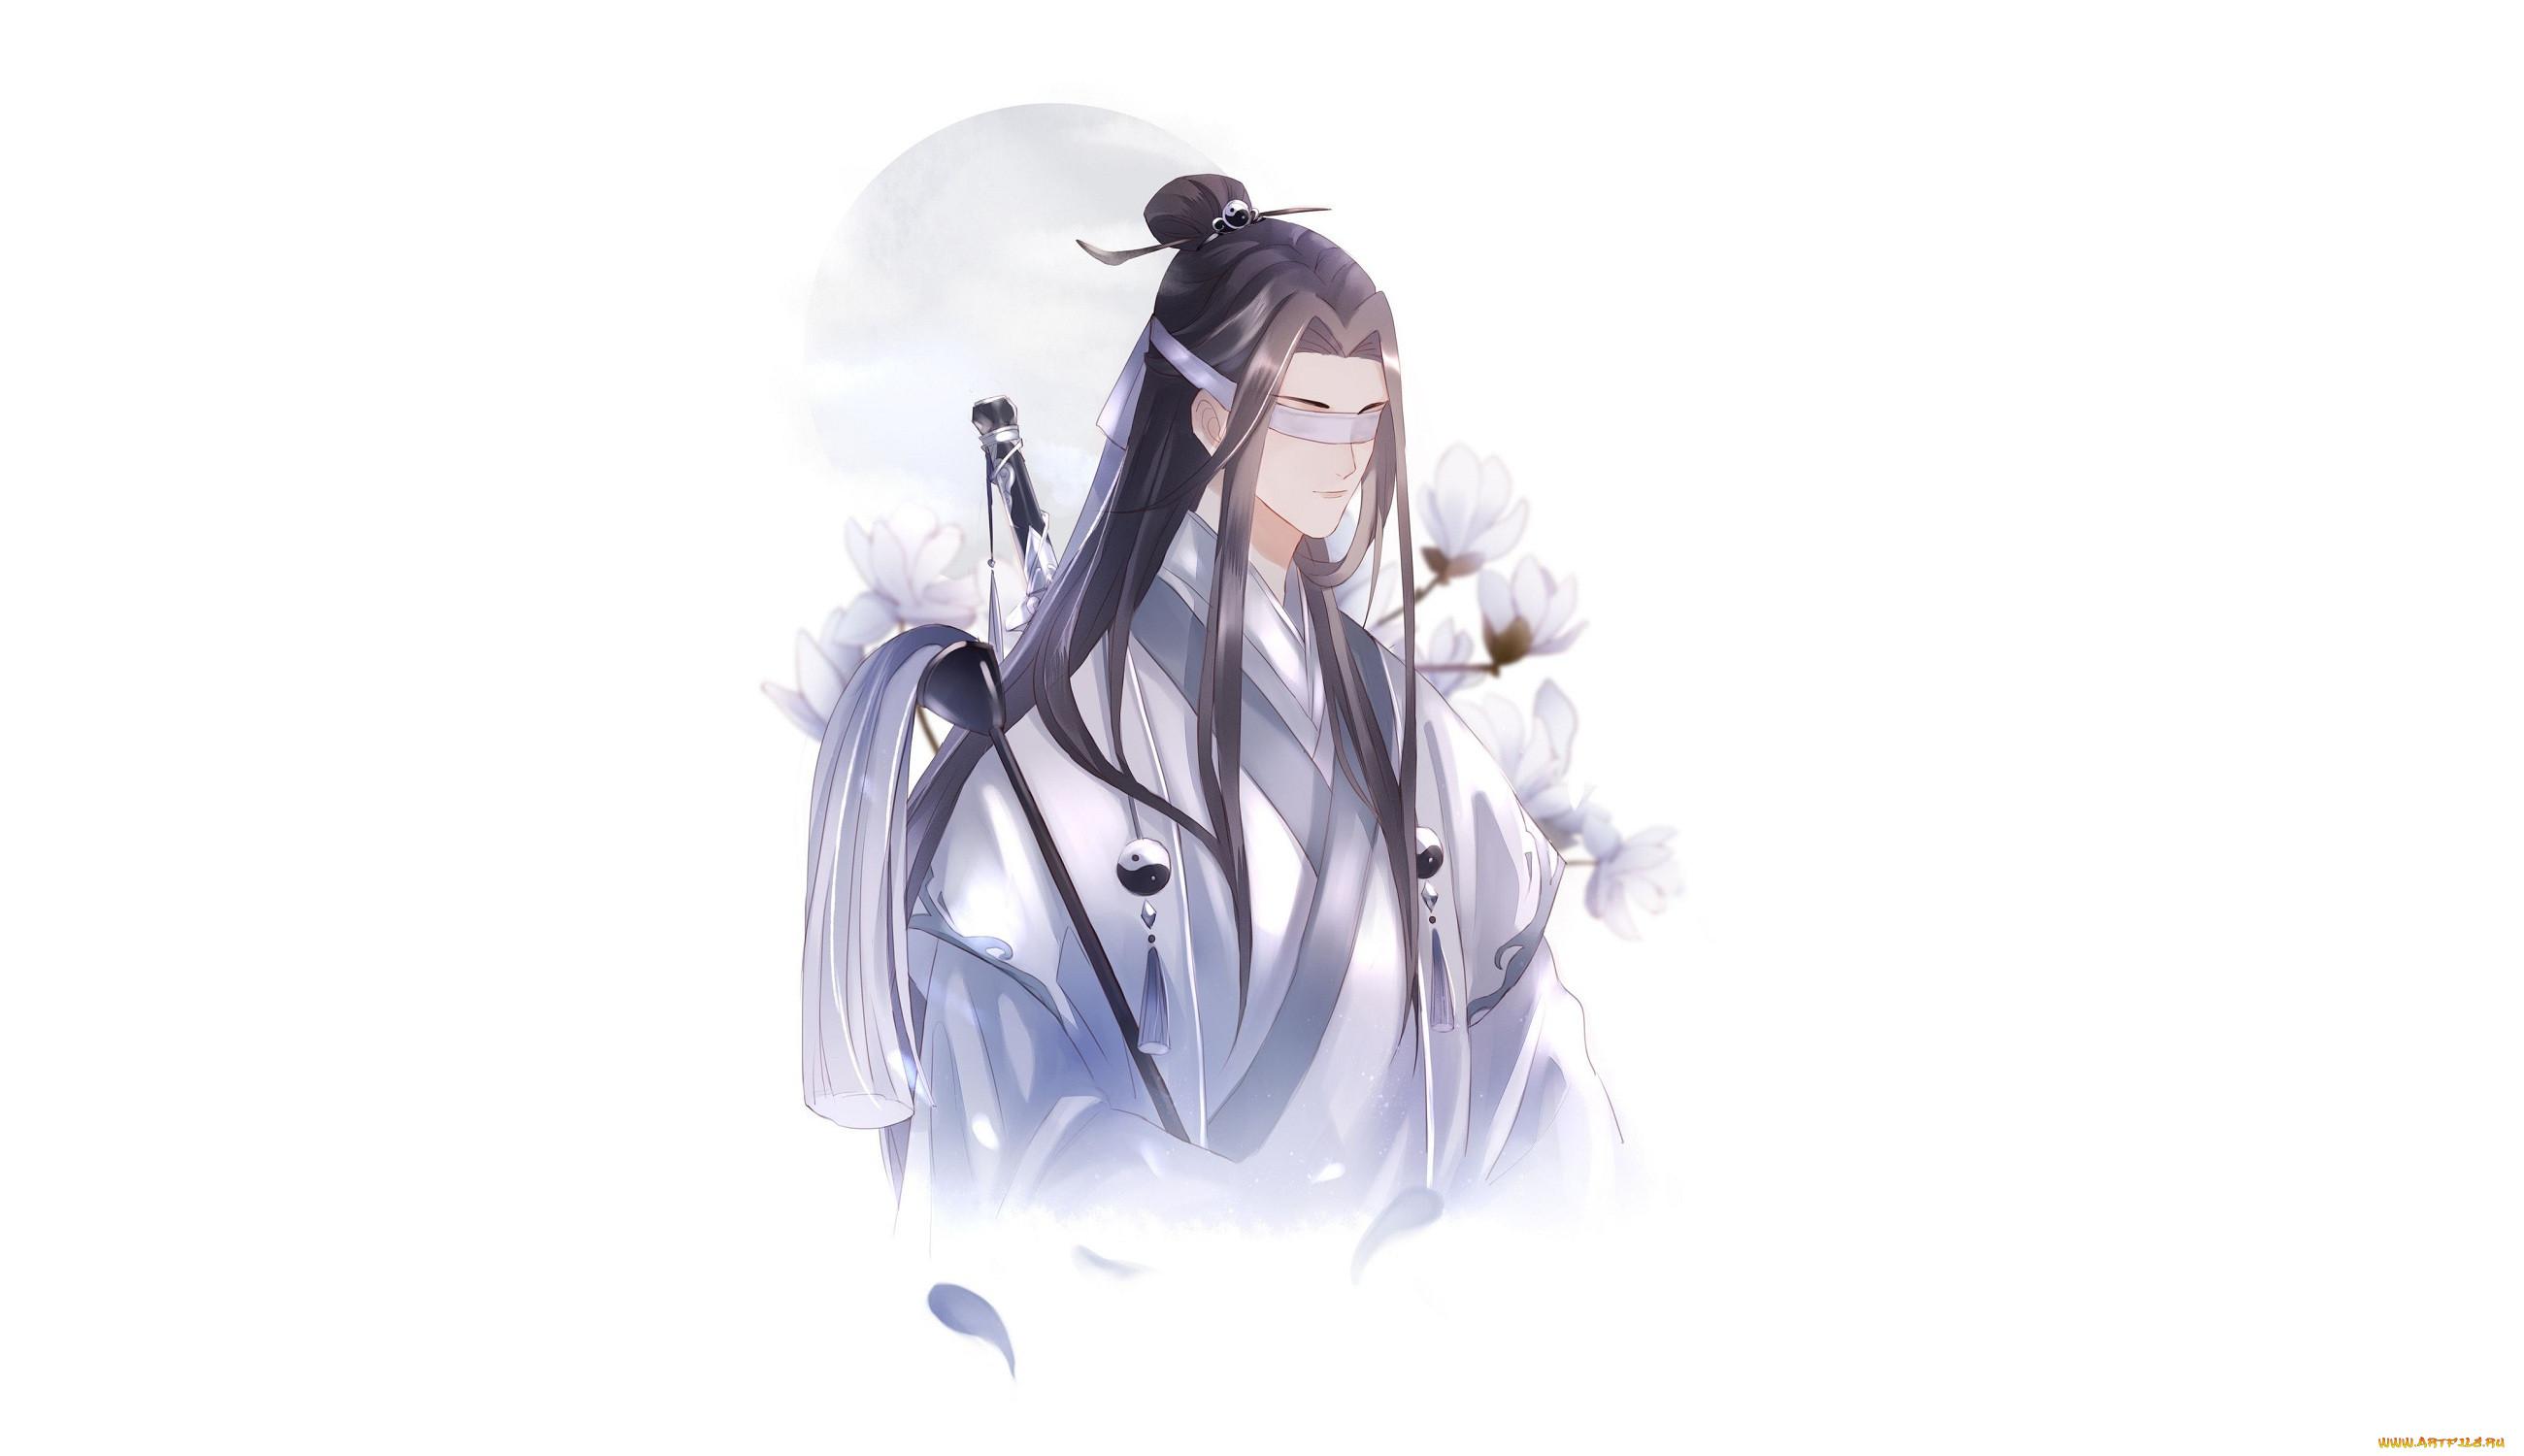 сяо синчень, аниме, mo dao zu shi, the, untamed, неукротимый, повелитель, чэньцин, мосян, тунсю, mo, dao, zu, shi, магистр, дьявольского, культа